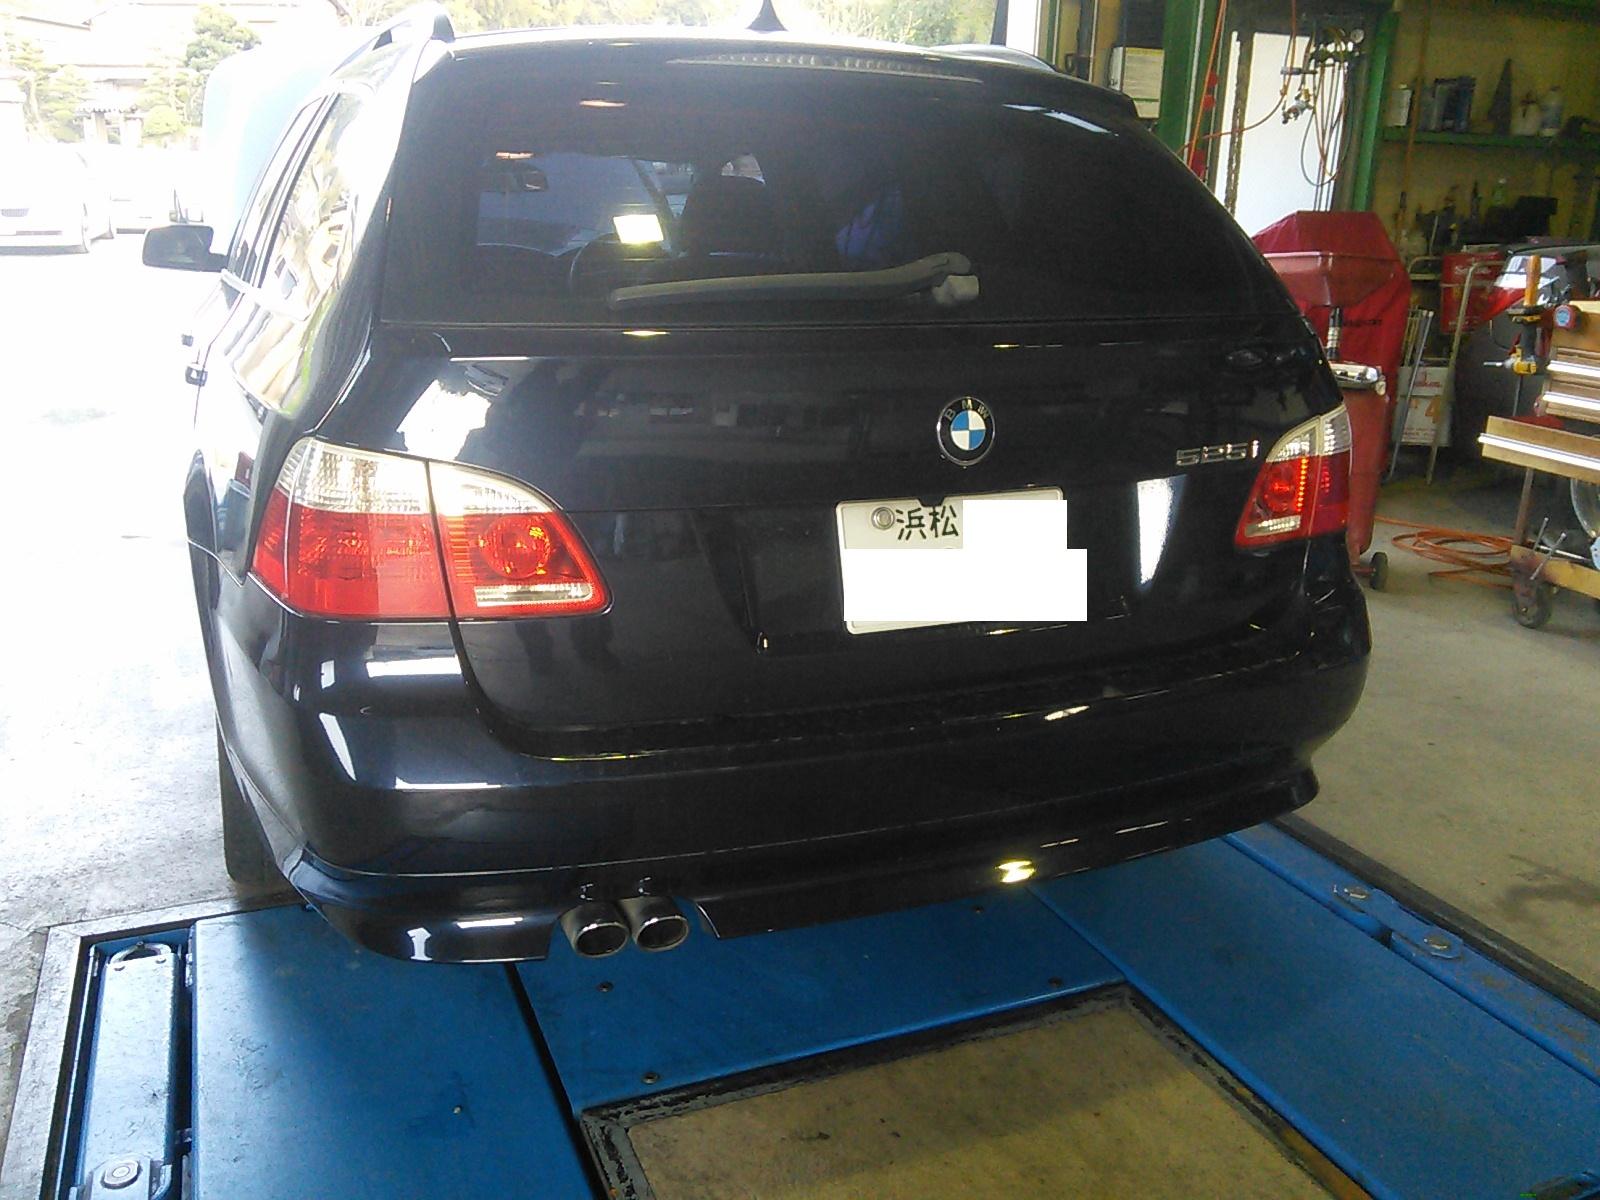 BMW E61 CCCユニット交換 オイル漏れ エアコン修理 ヘッドライトクリア塗装